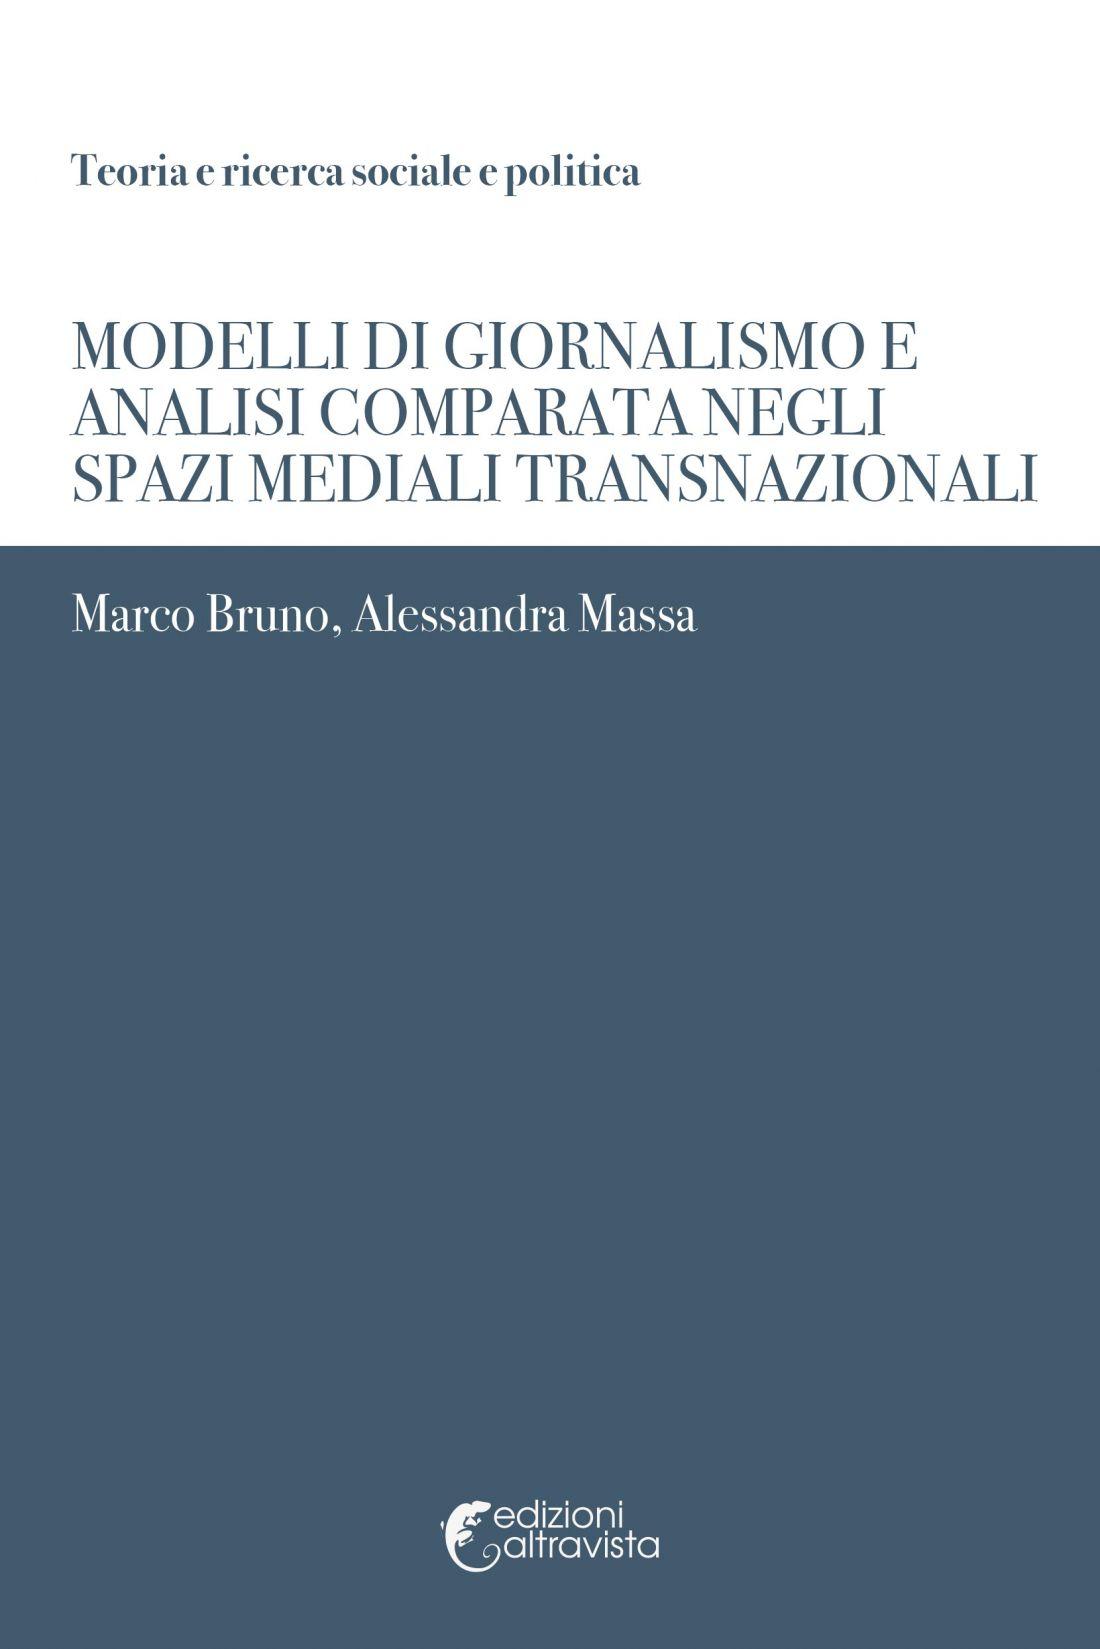 Modelli di giornalismo e analisi comparata negli spazi mediali transnazionali